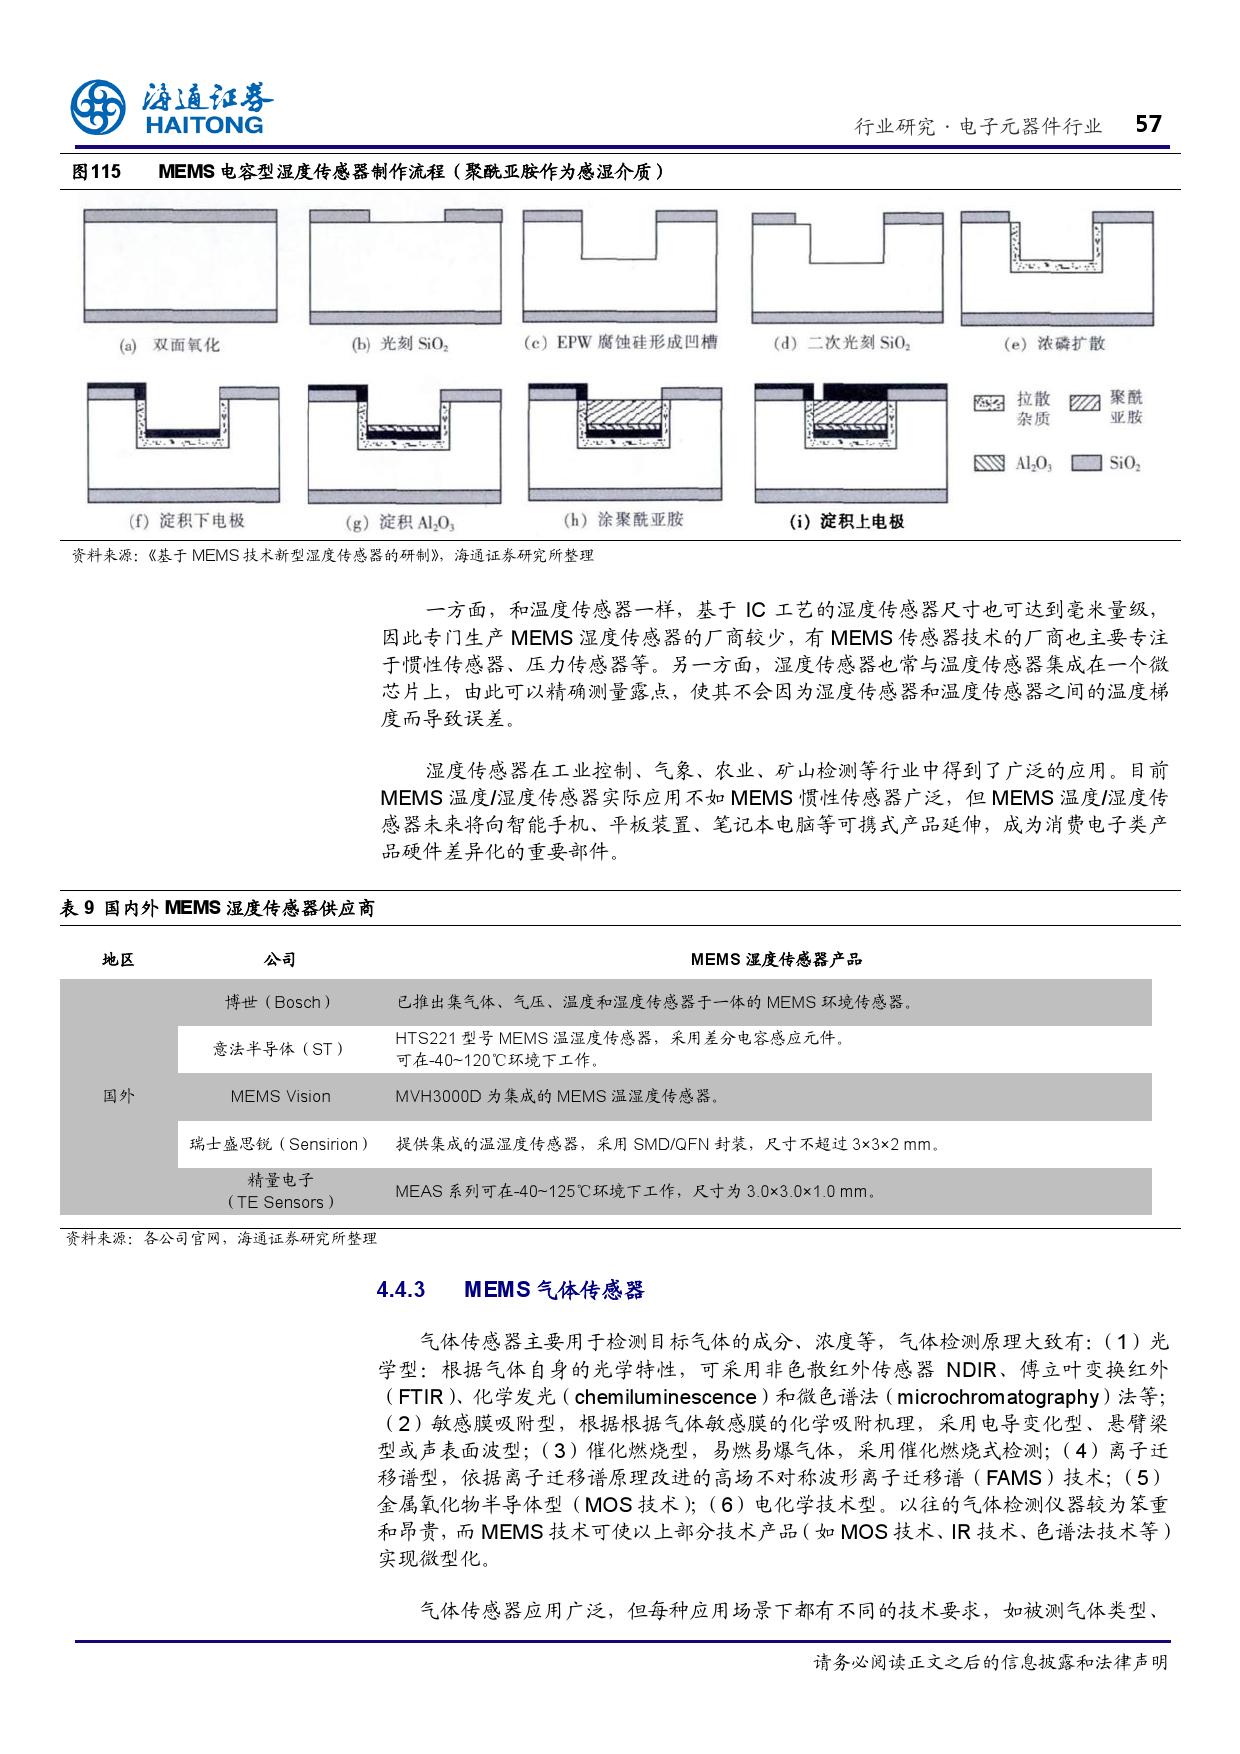 报告全解传感器全球产业链_000057